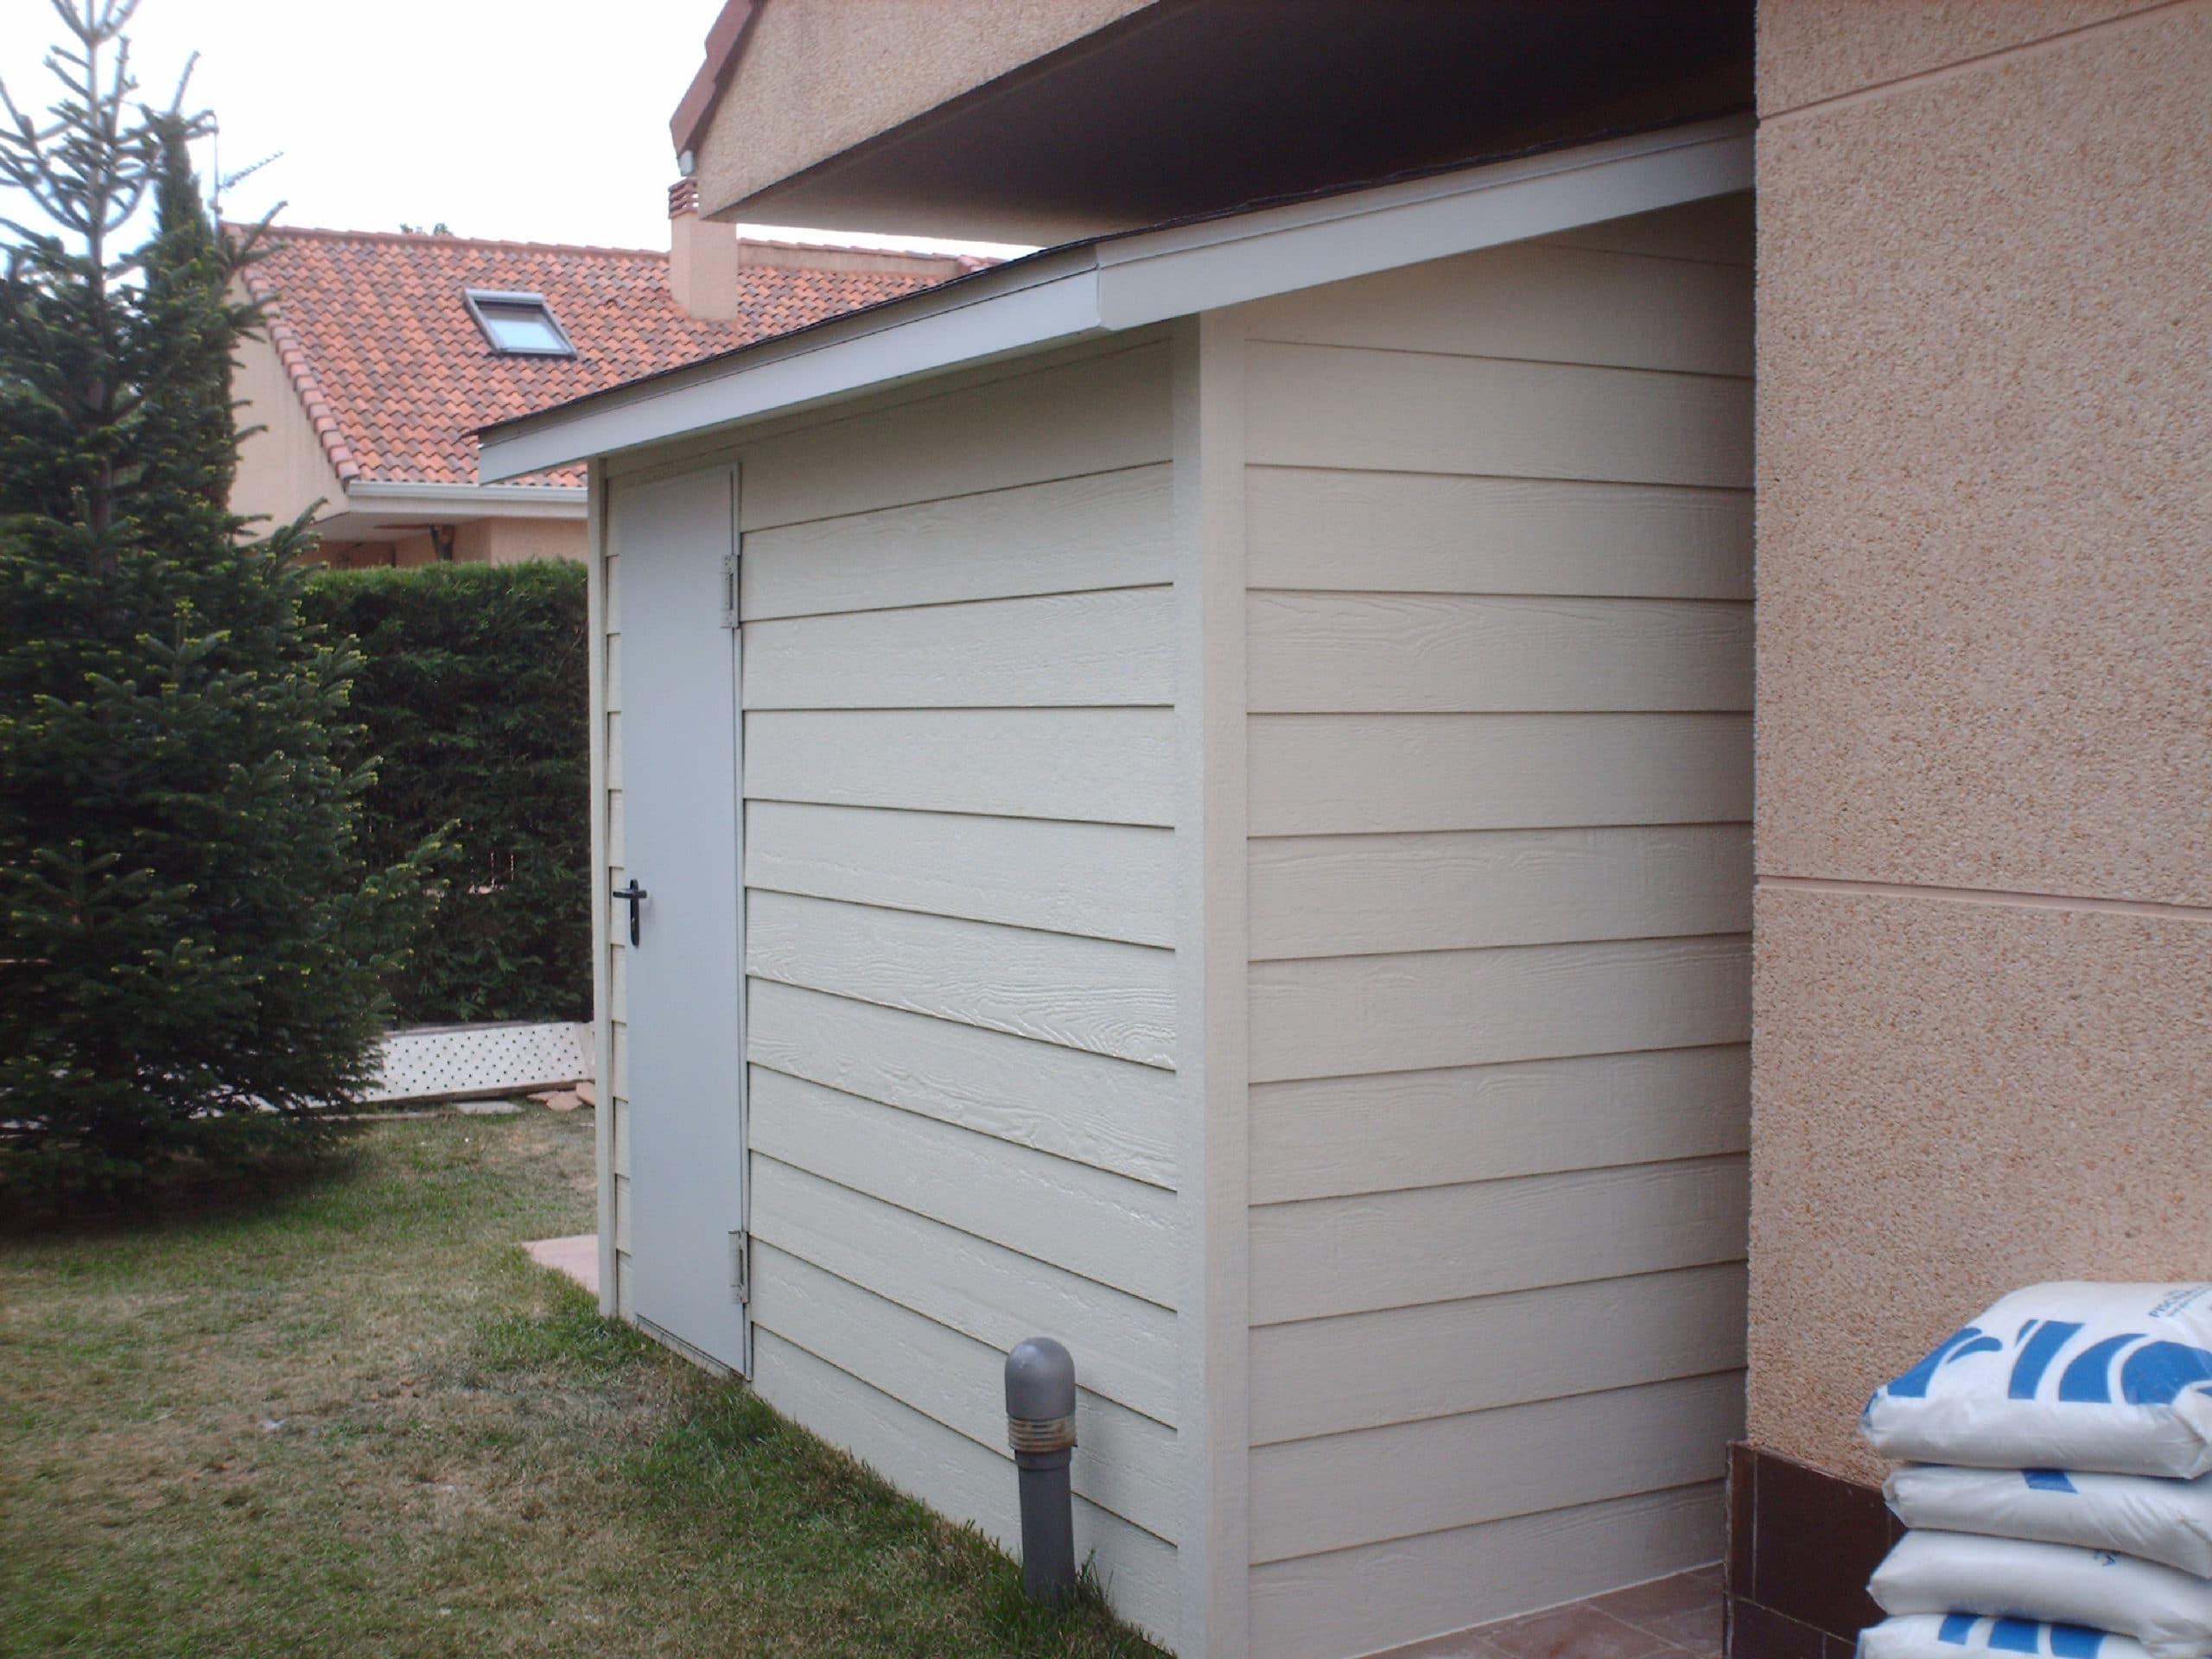 Casetas de jard n canexel construcciones for Caseta jardin pvc